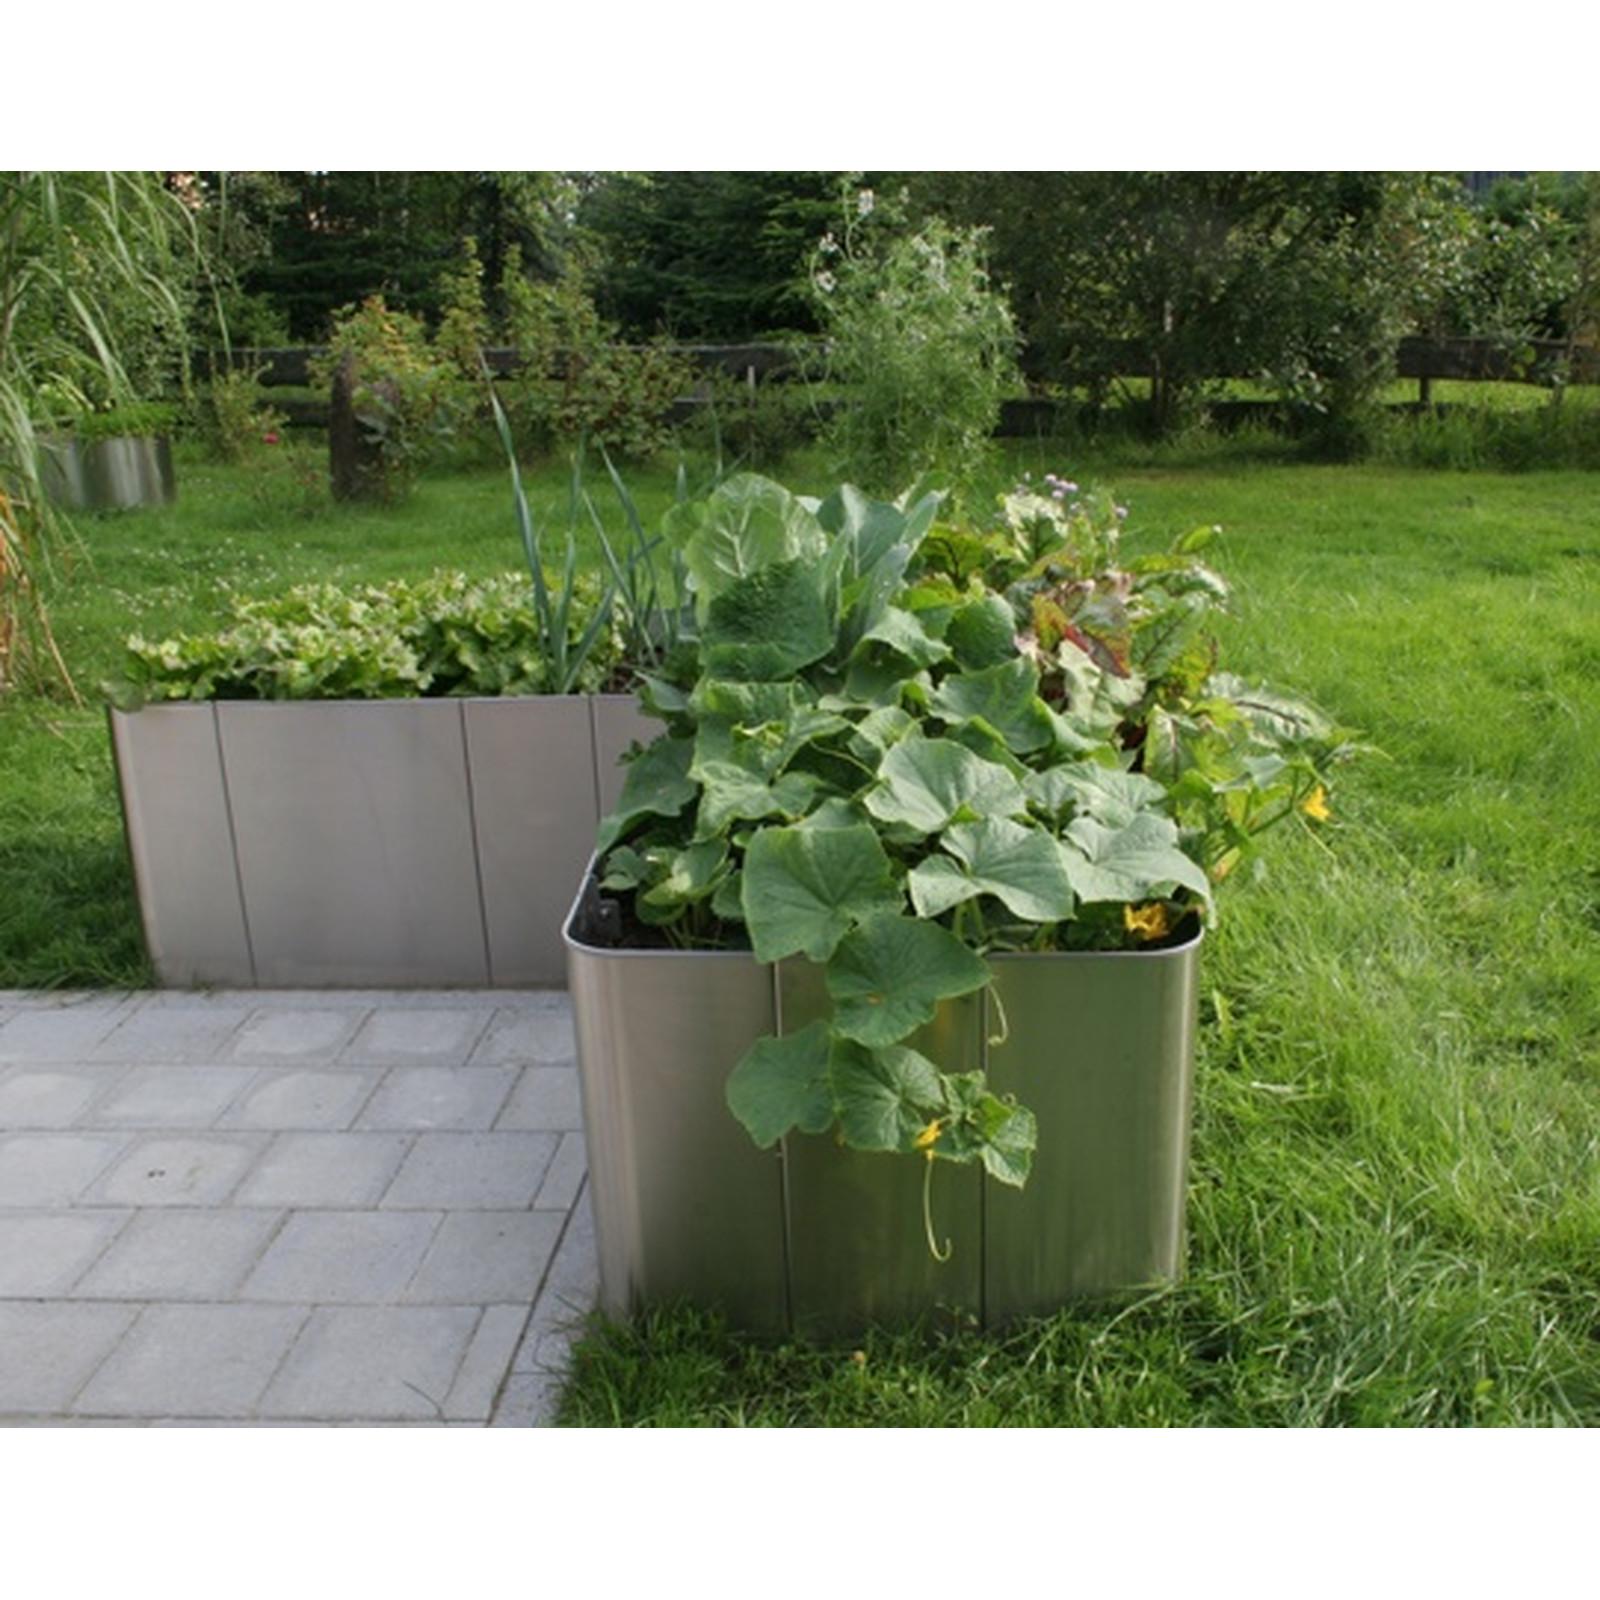 Full Size of Edelstahl Hochbeet Corner 163 50cm Hhe Garten Edelstahlküche Gebraucht Outdoor Küche Wohnzimmer Hochbeet Edelstahl